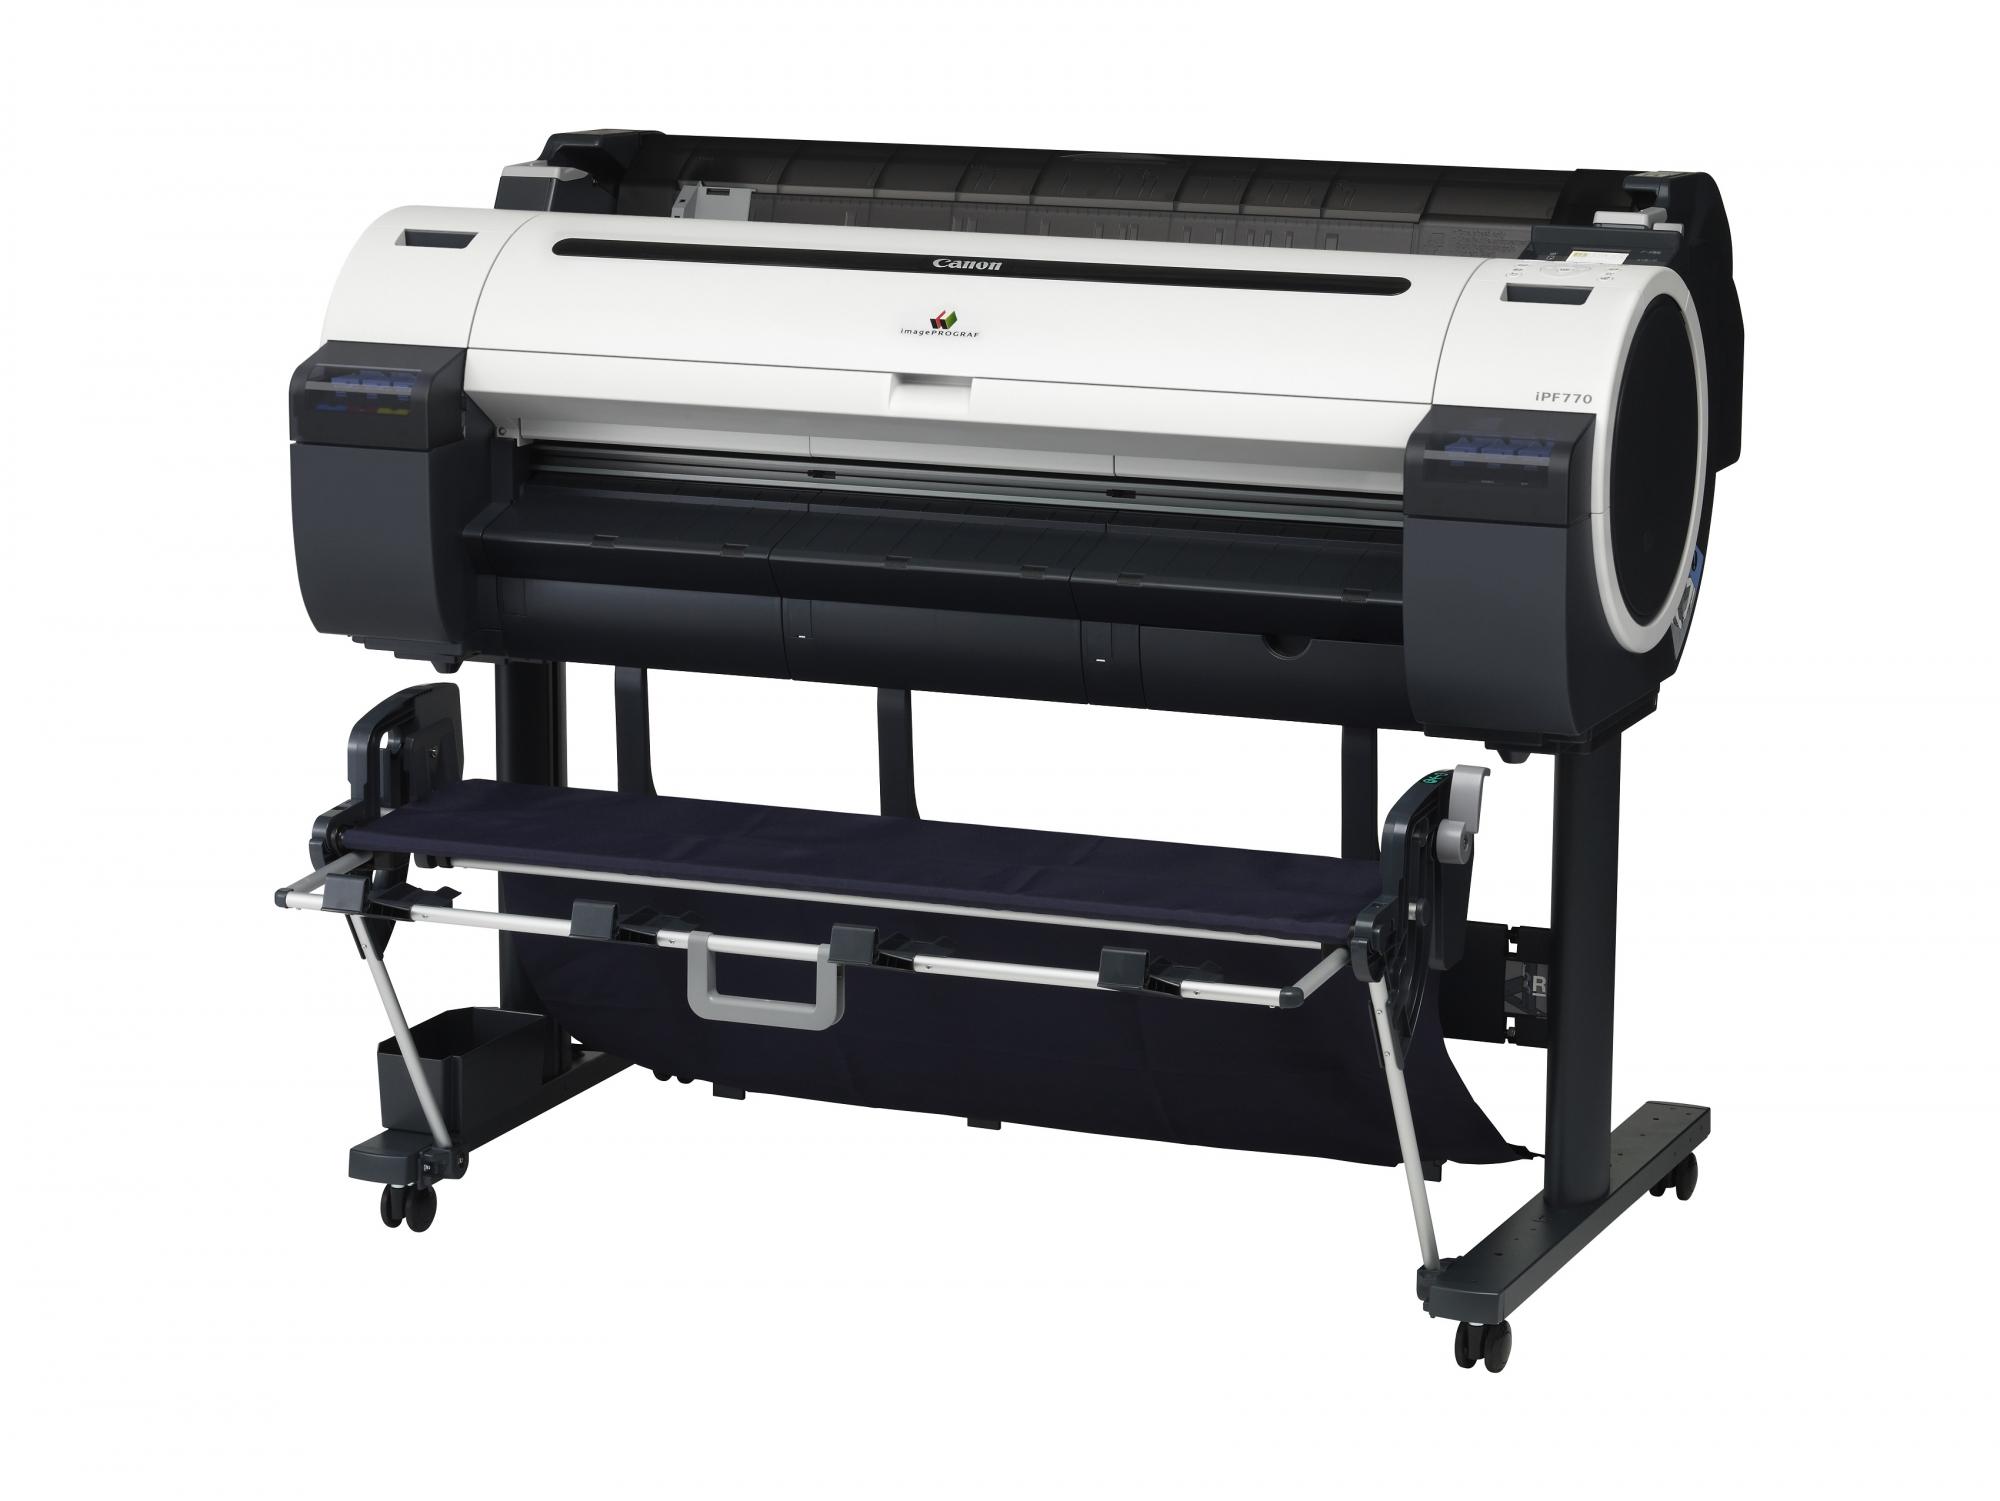 kinkos scan to pdf prices